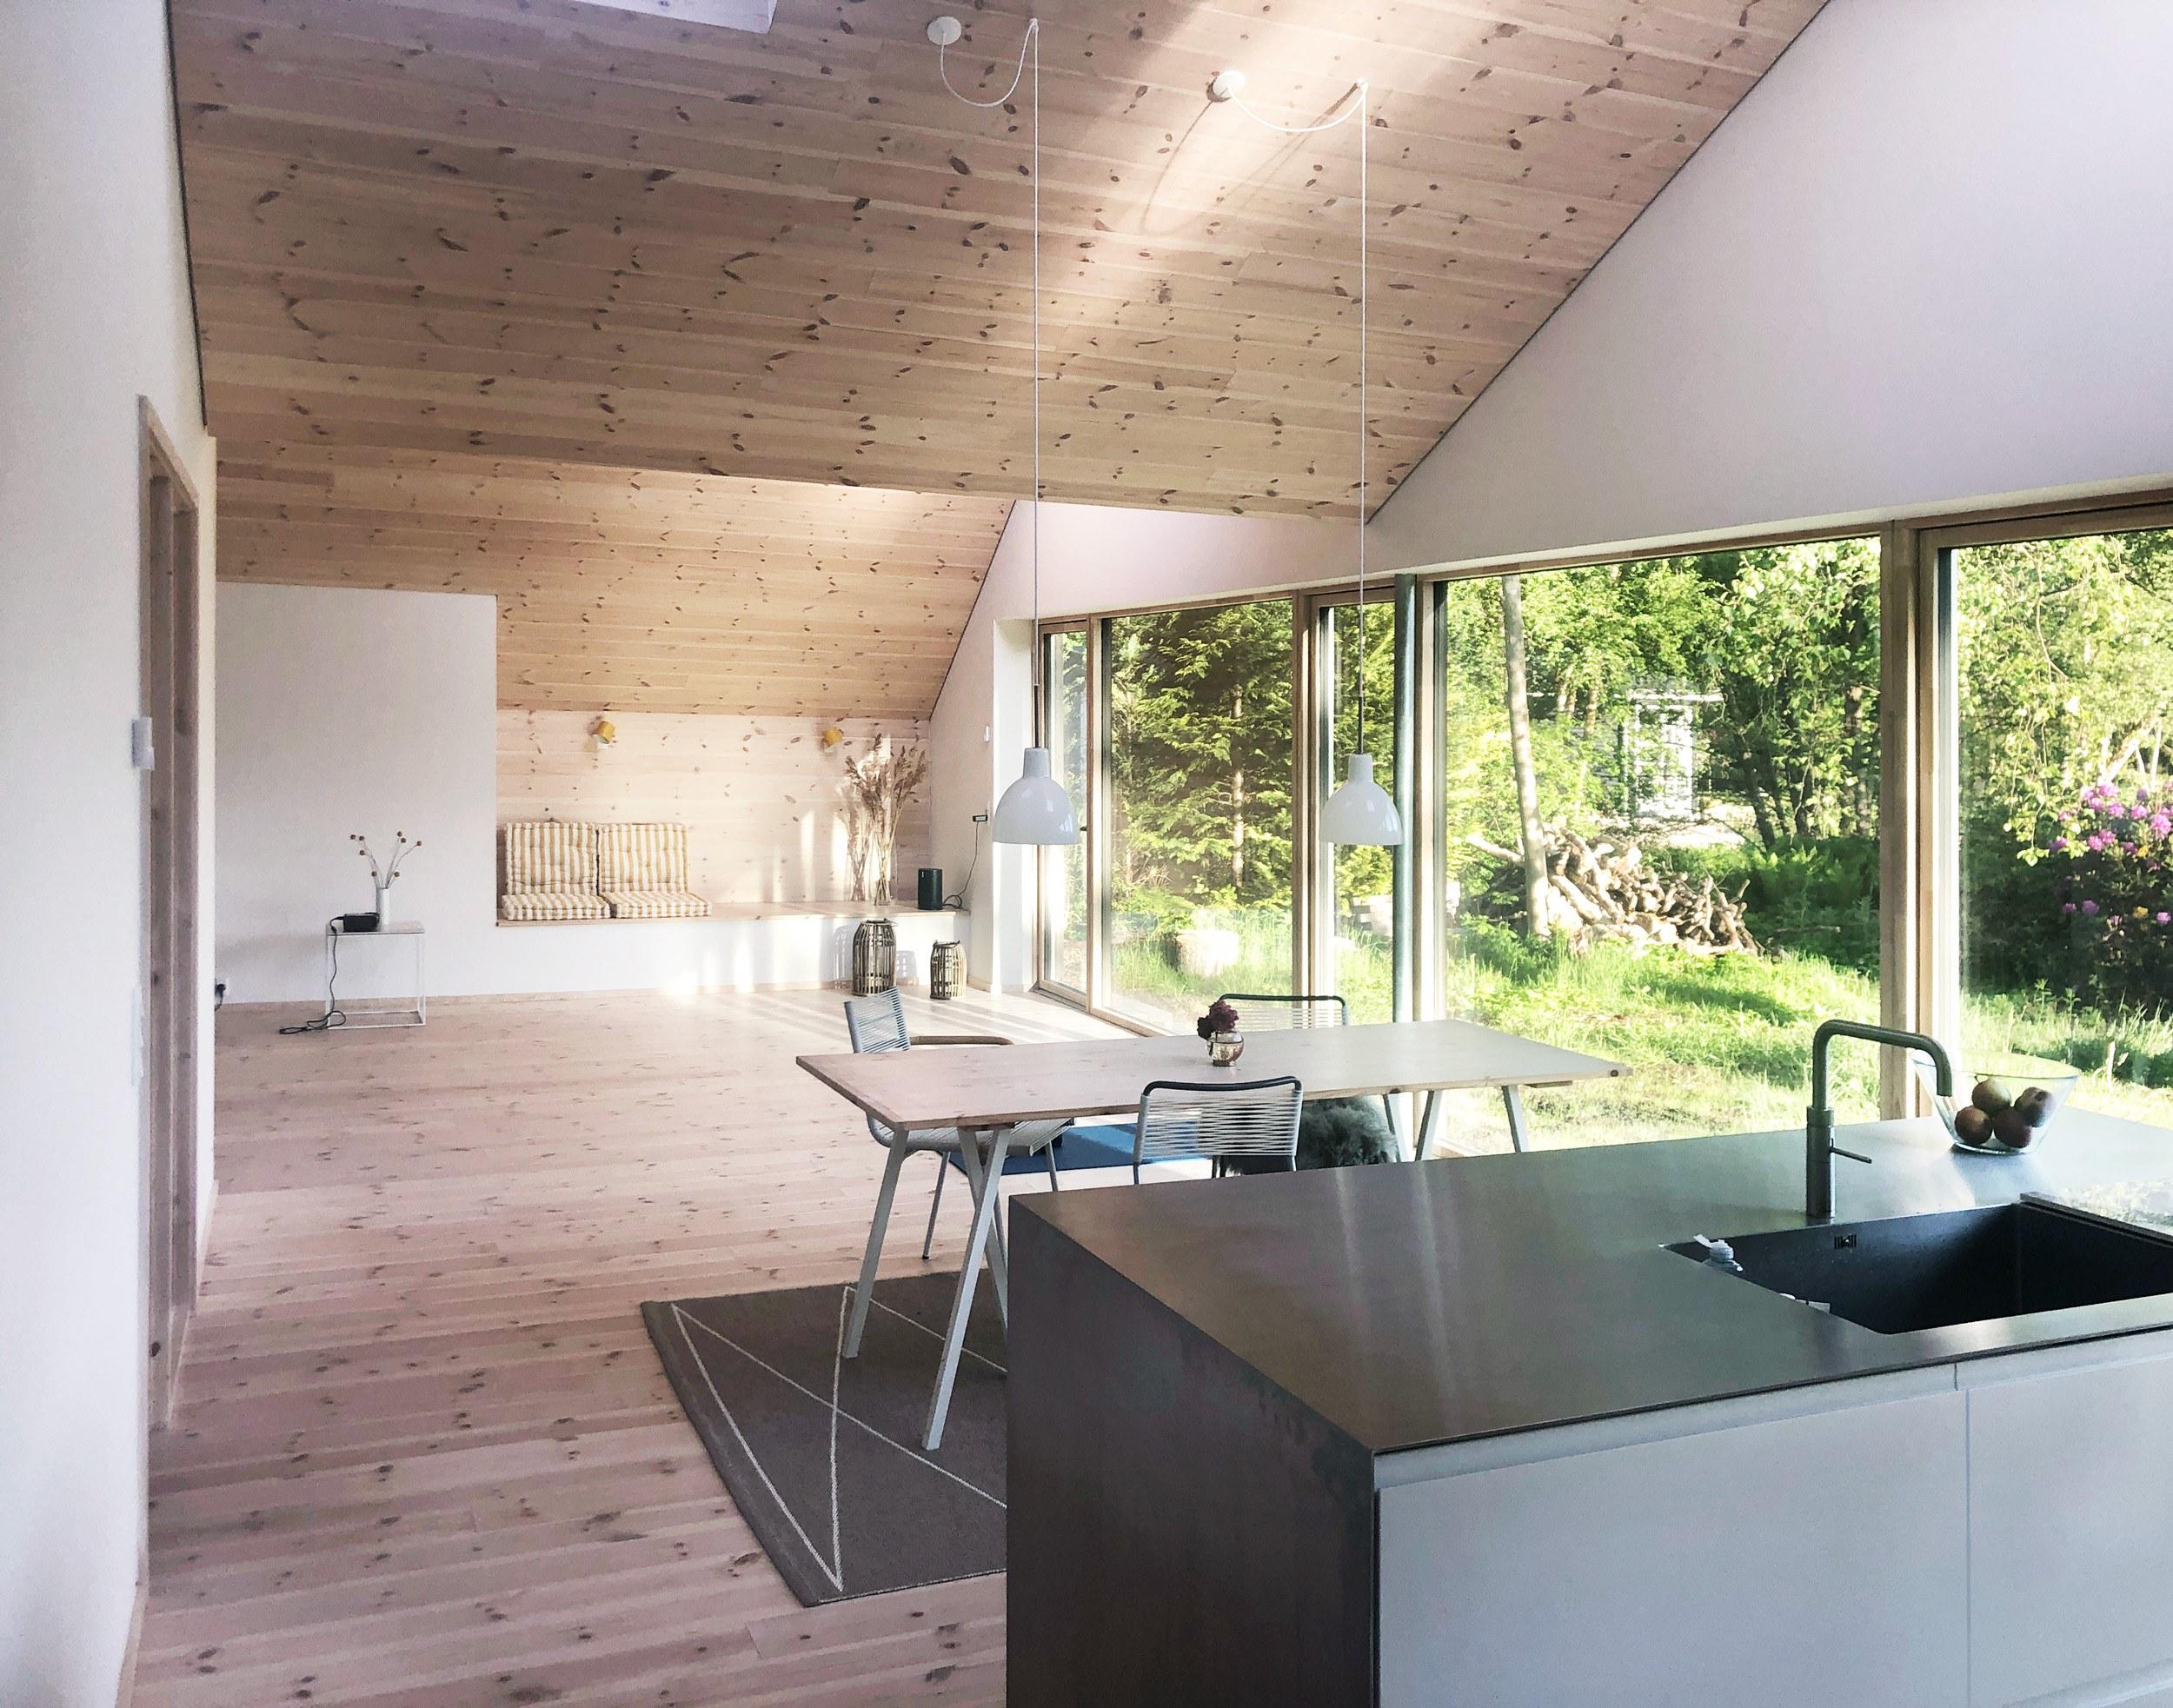 Stue-Sommerhus-ONV-arkitekter-træhus-Tikøb-Langesøvej-1_2